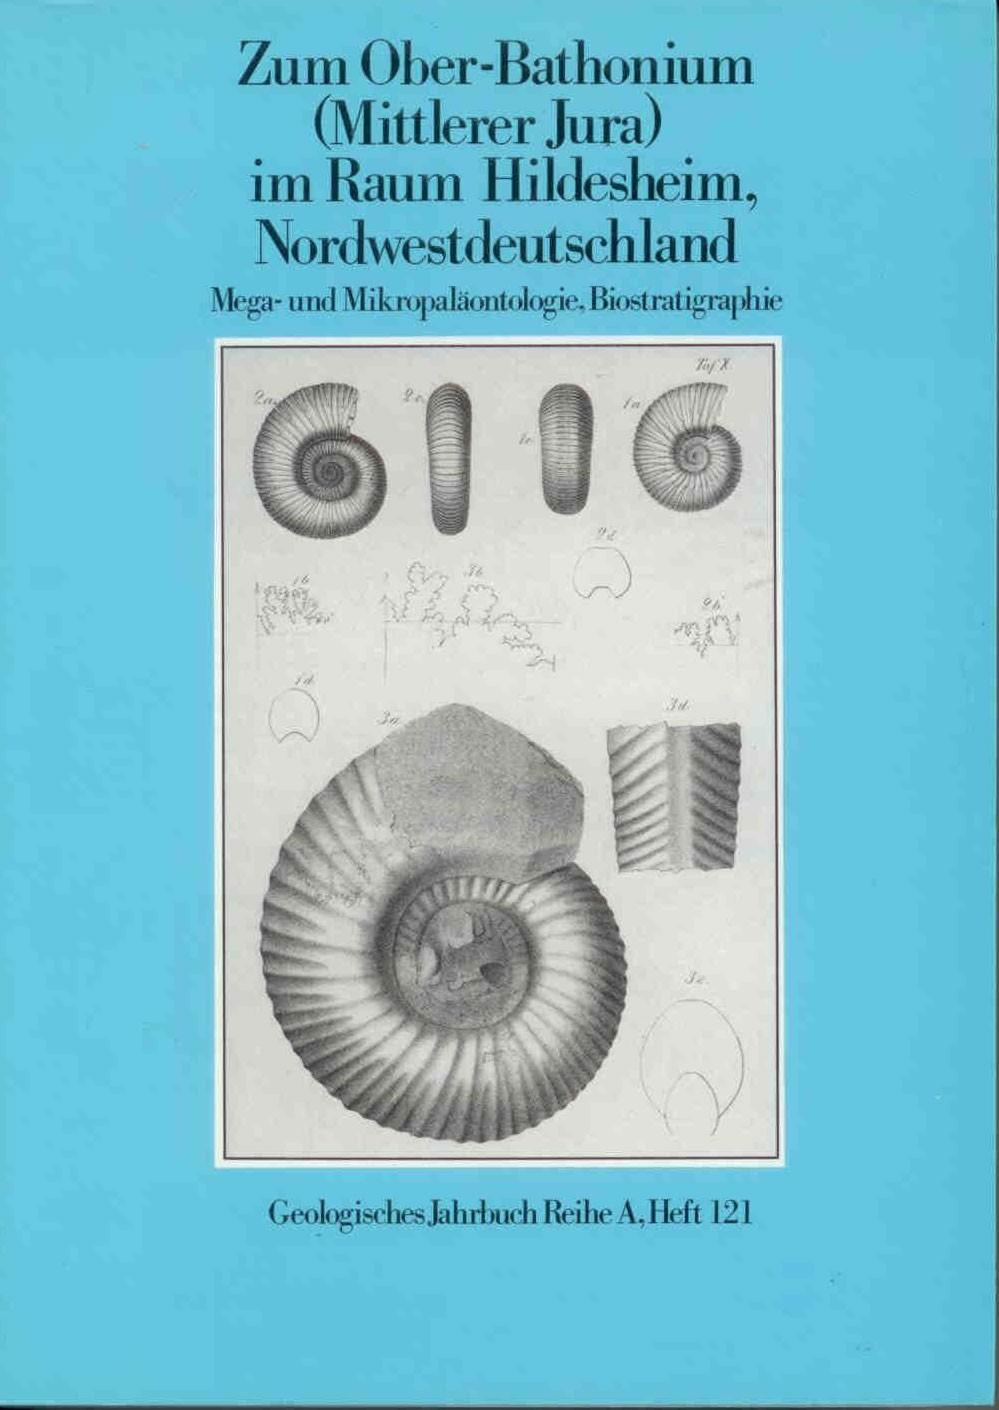 JORDAN, R.: Zum Ober-Bathonium (Mittlerer Jura) im Raum Hildesheim, Norddeutschland. Mega- und Mikropaläontologie, Biostratigraphie.